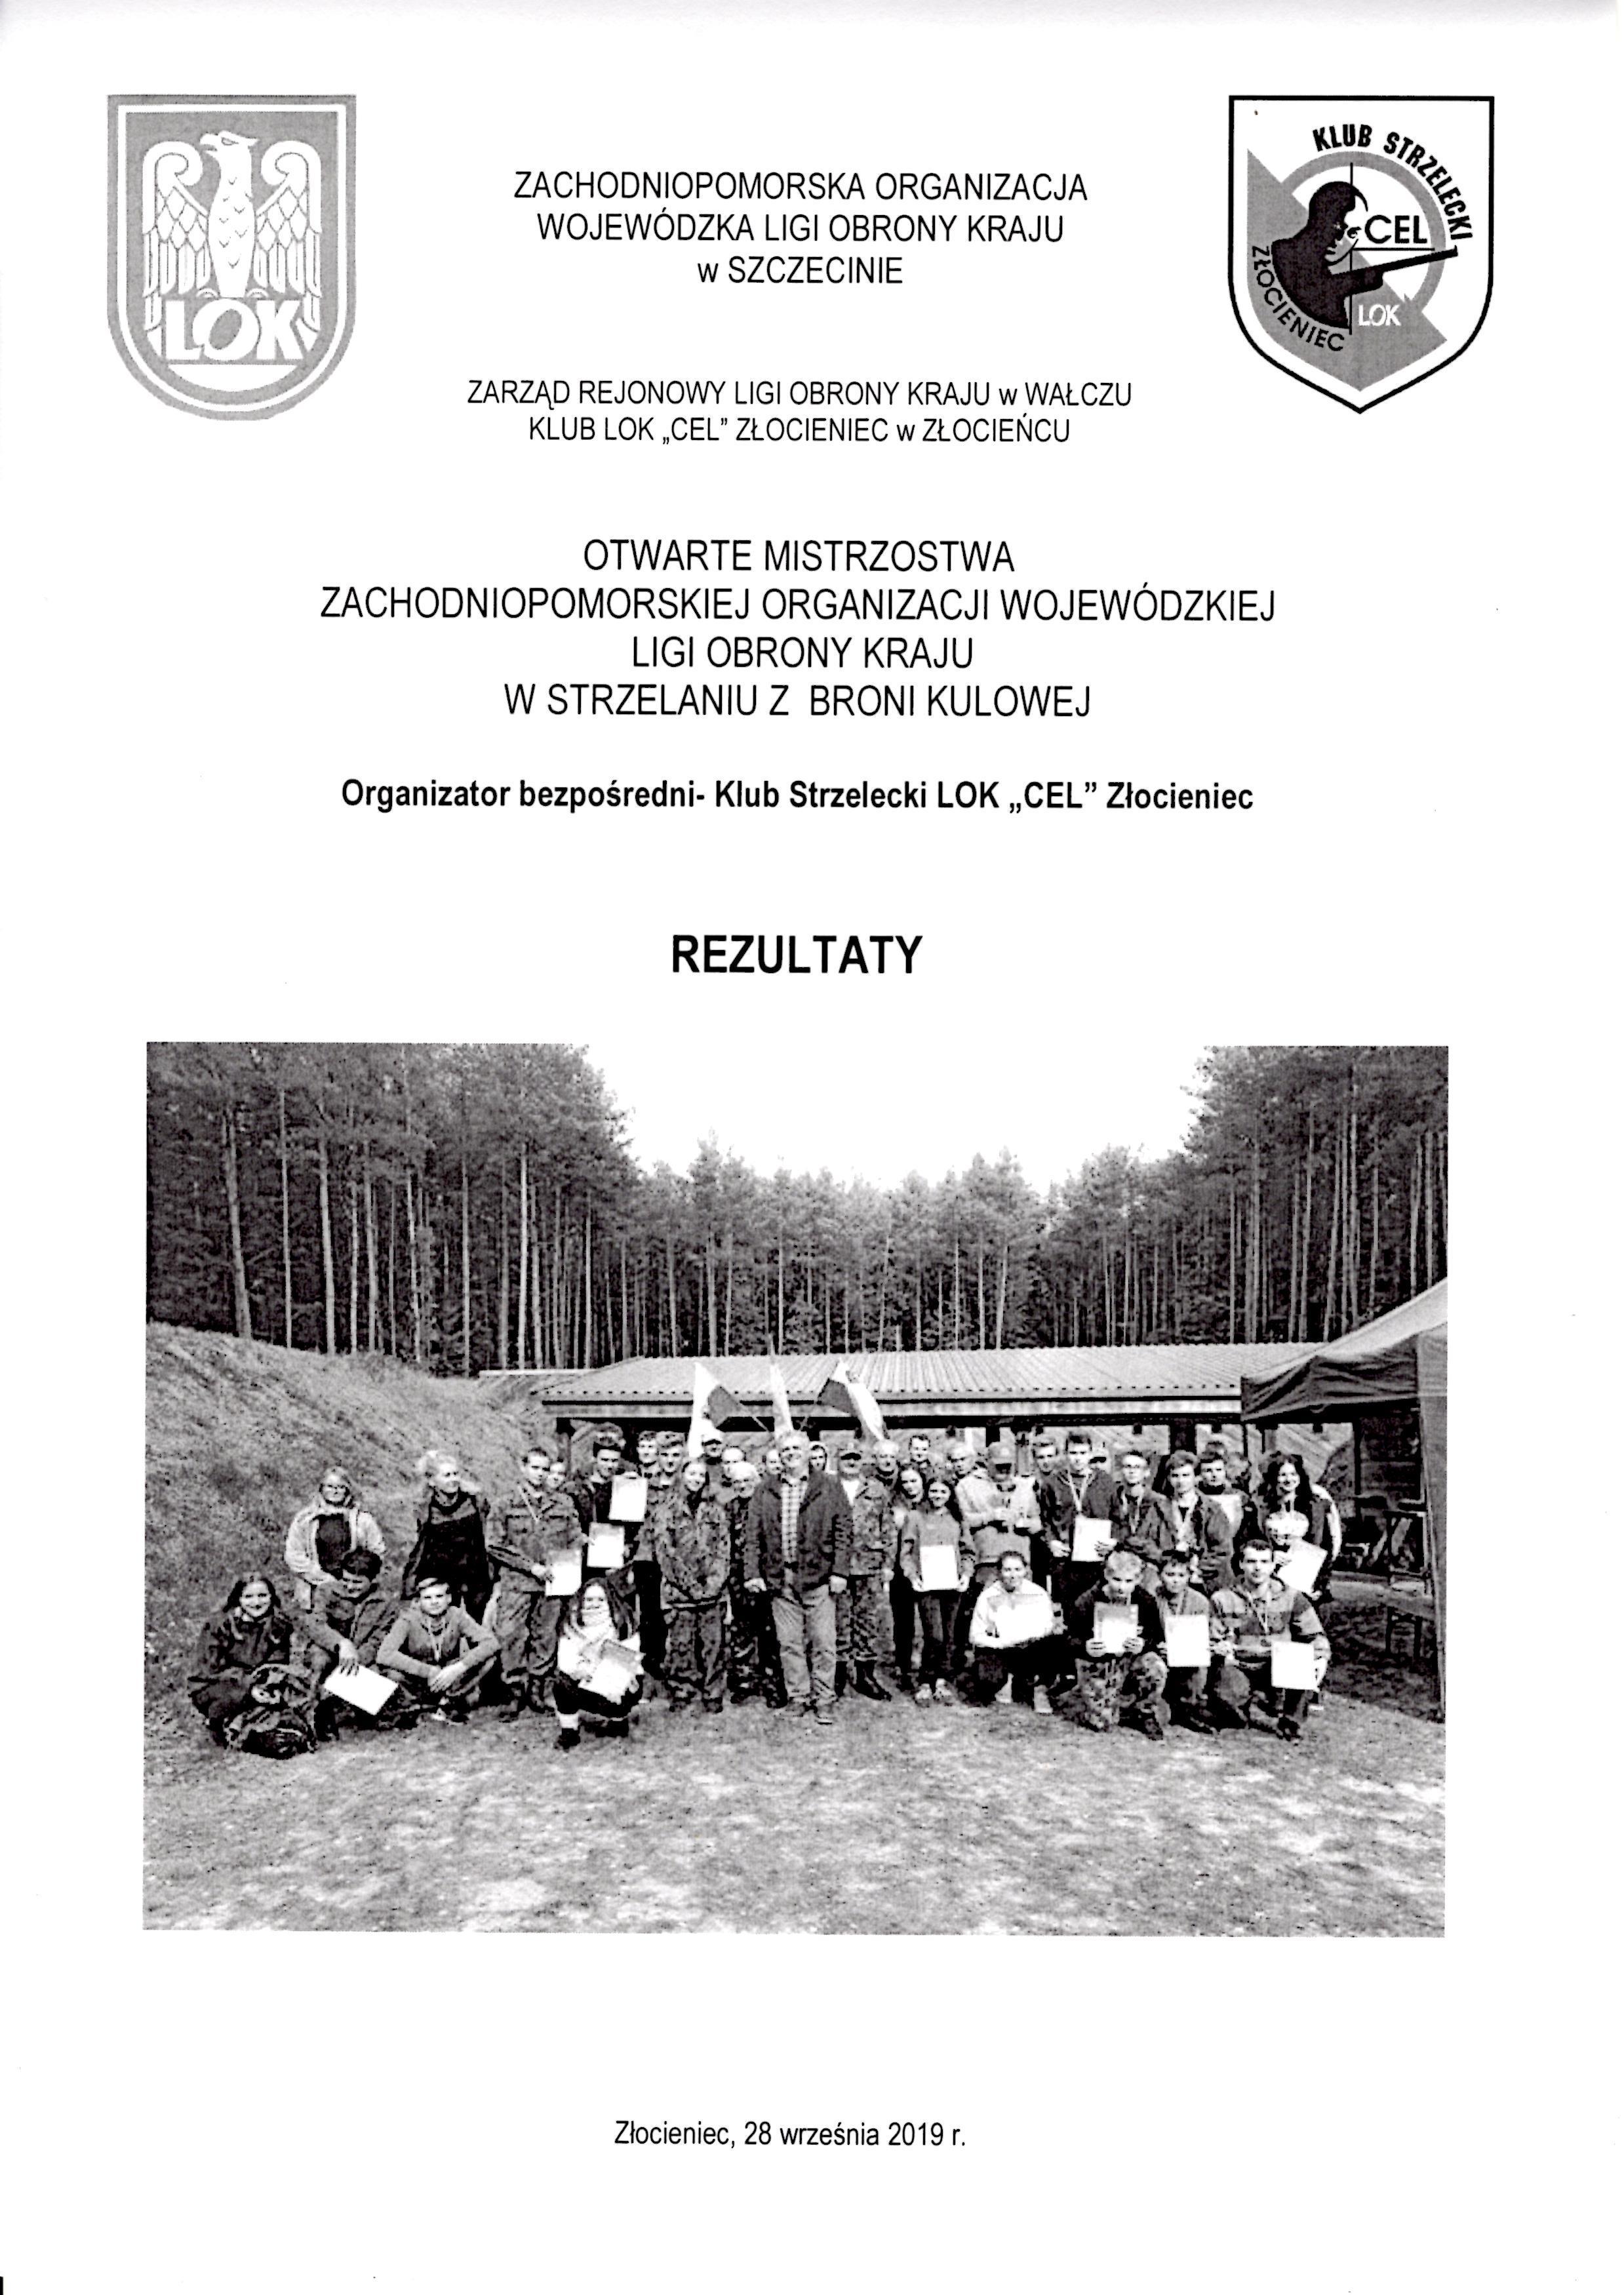 Mistrzostwa Zachodniopomorskiej Organizacji Ligi Obrony Kraju w Strzelaniu Kulowym Złocieniec 28.09.2019 r.